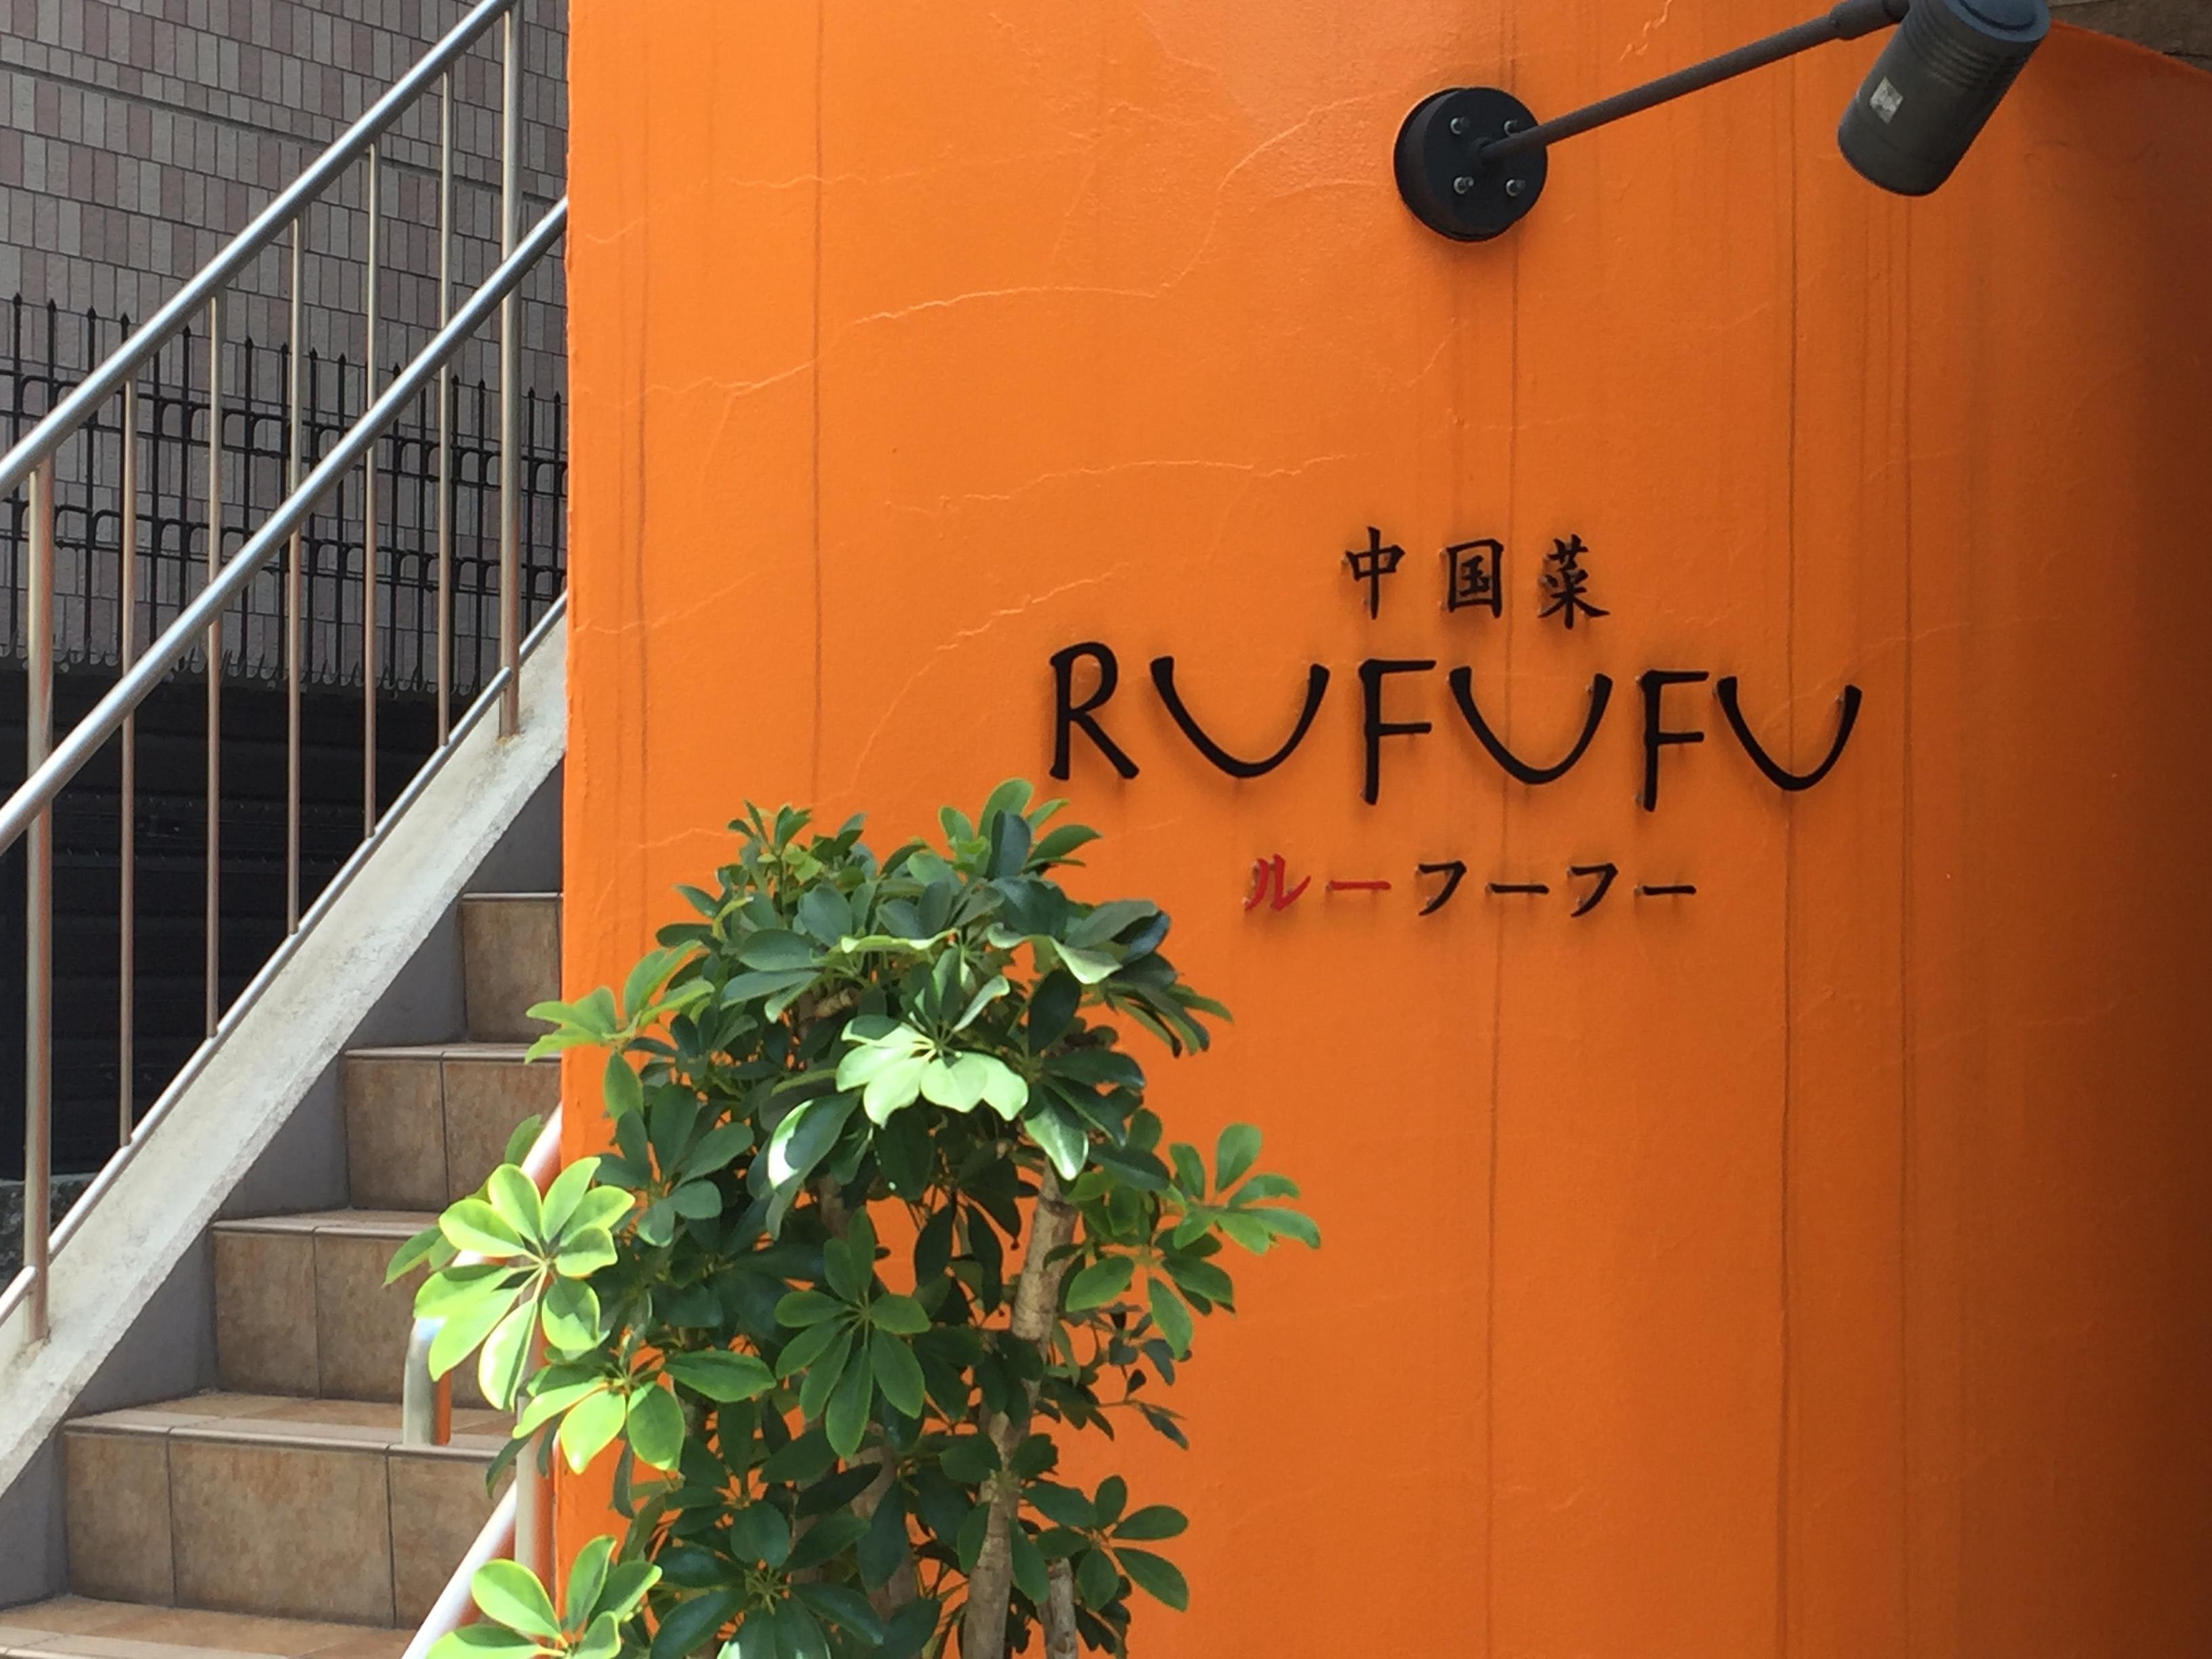 神戸・JR住吉駅北側にある中国菜「RUFUFU(ルーフーフー)」さんが閉店するよ【閉店のお知らせ】